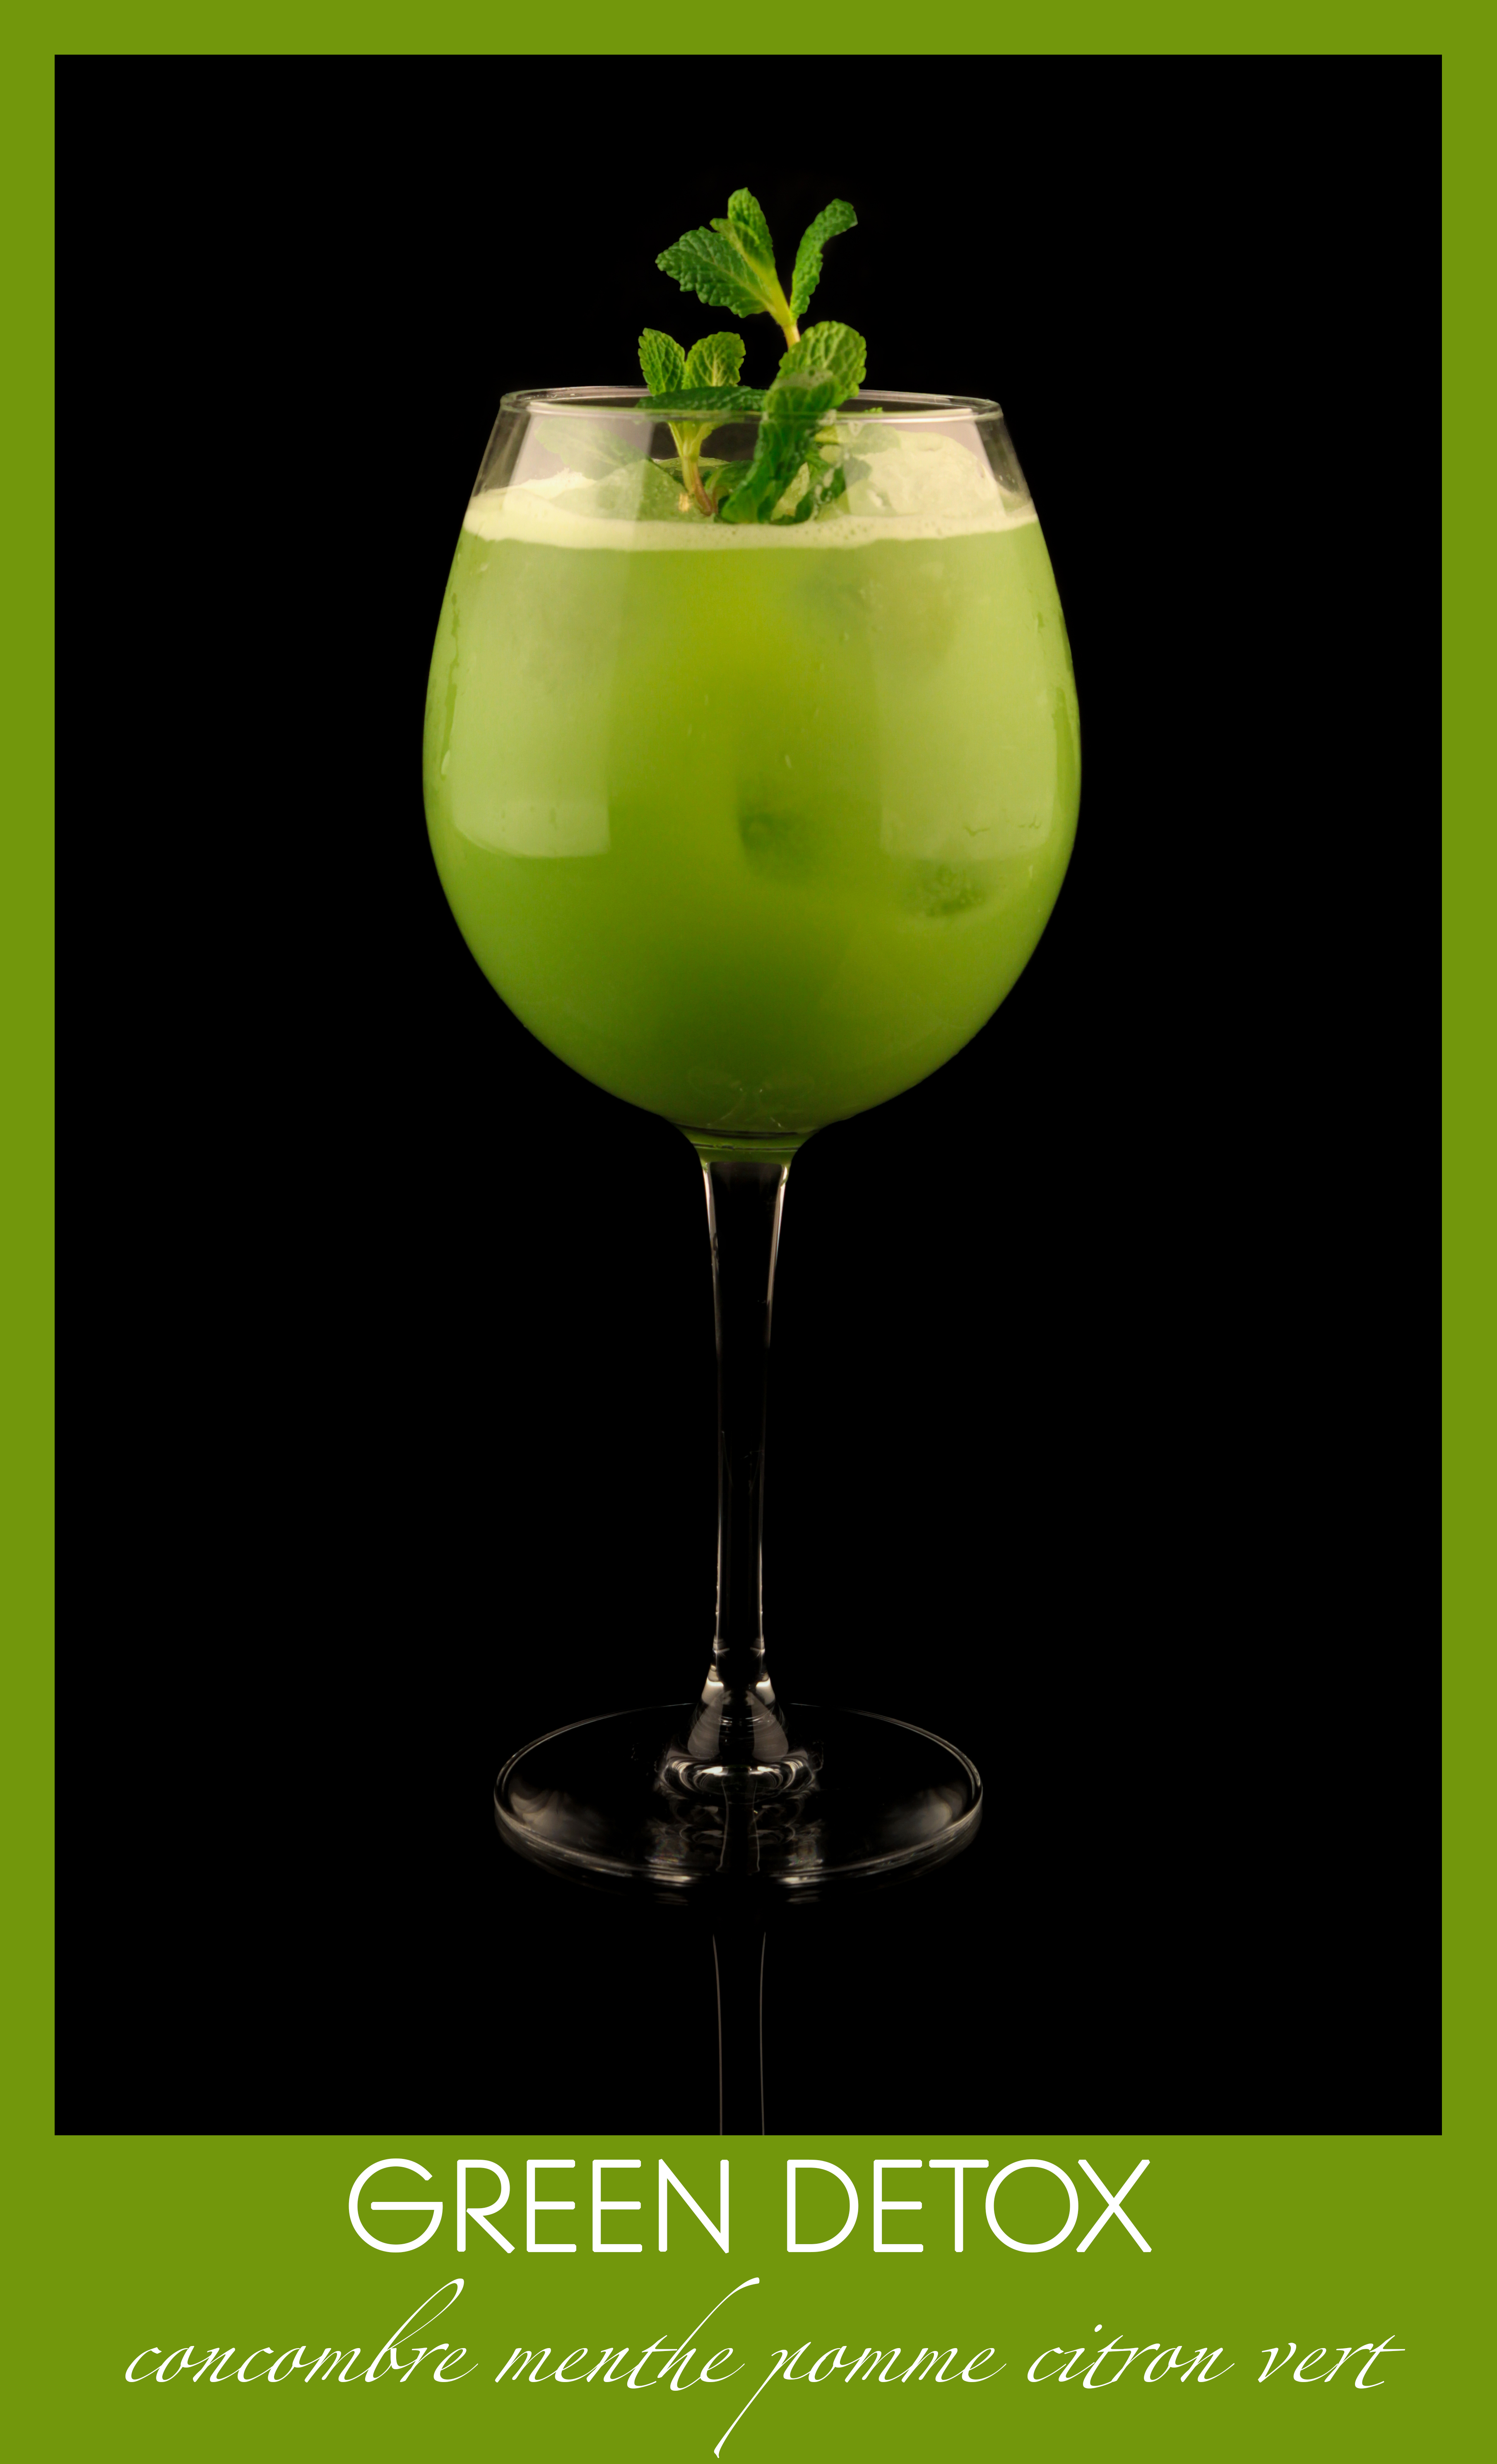 Green Detox.jpg